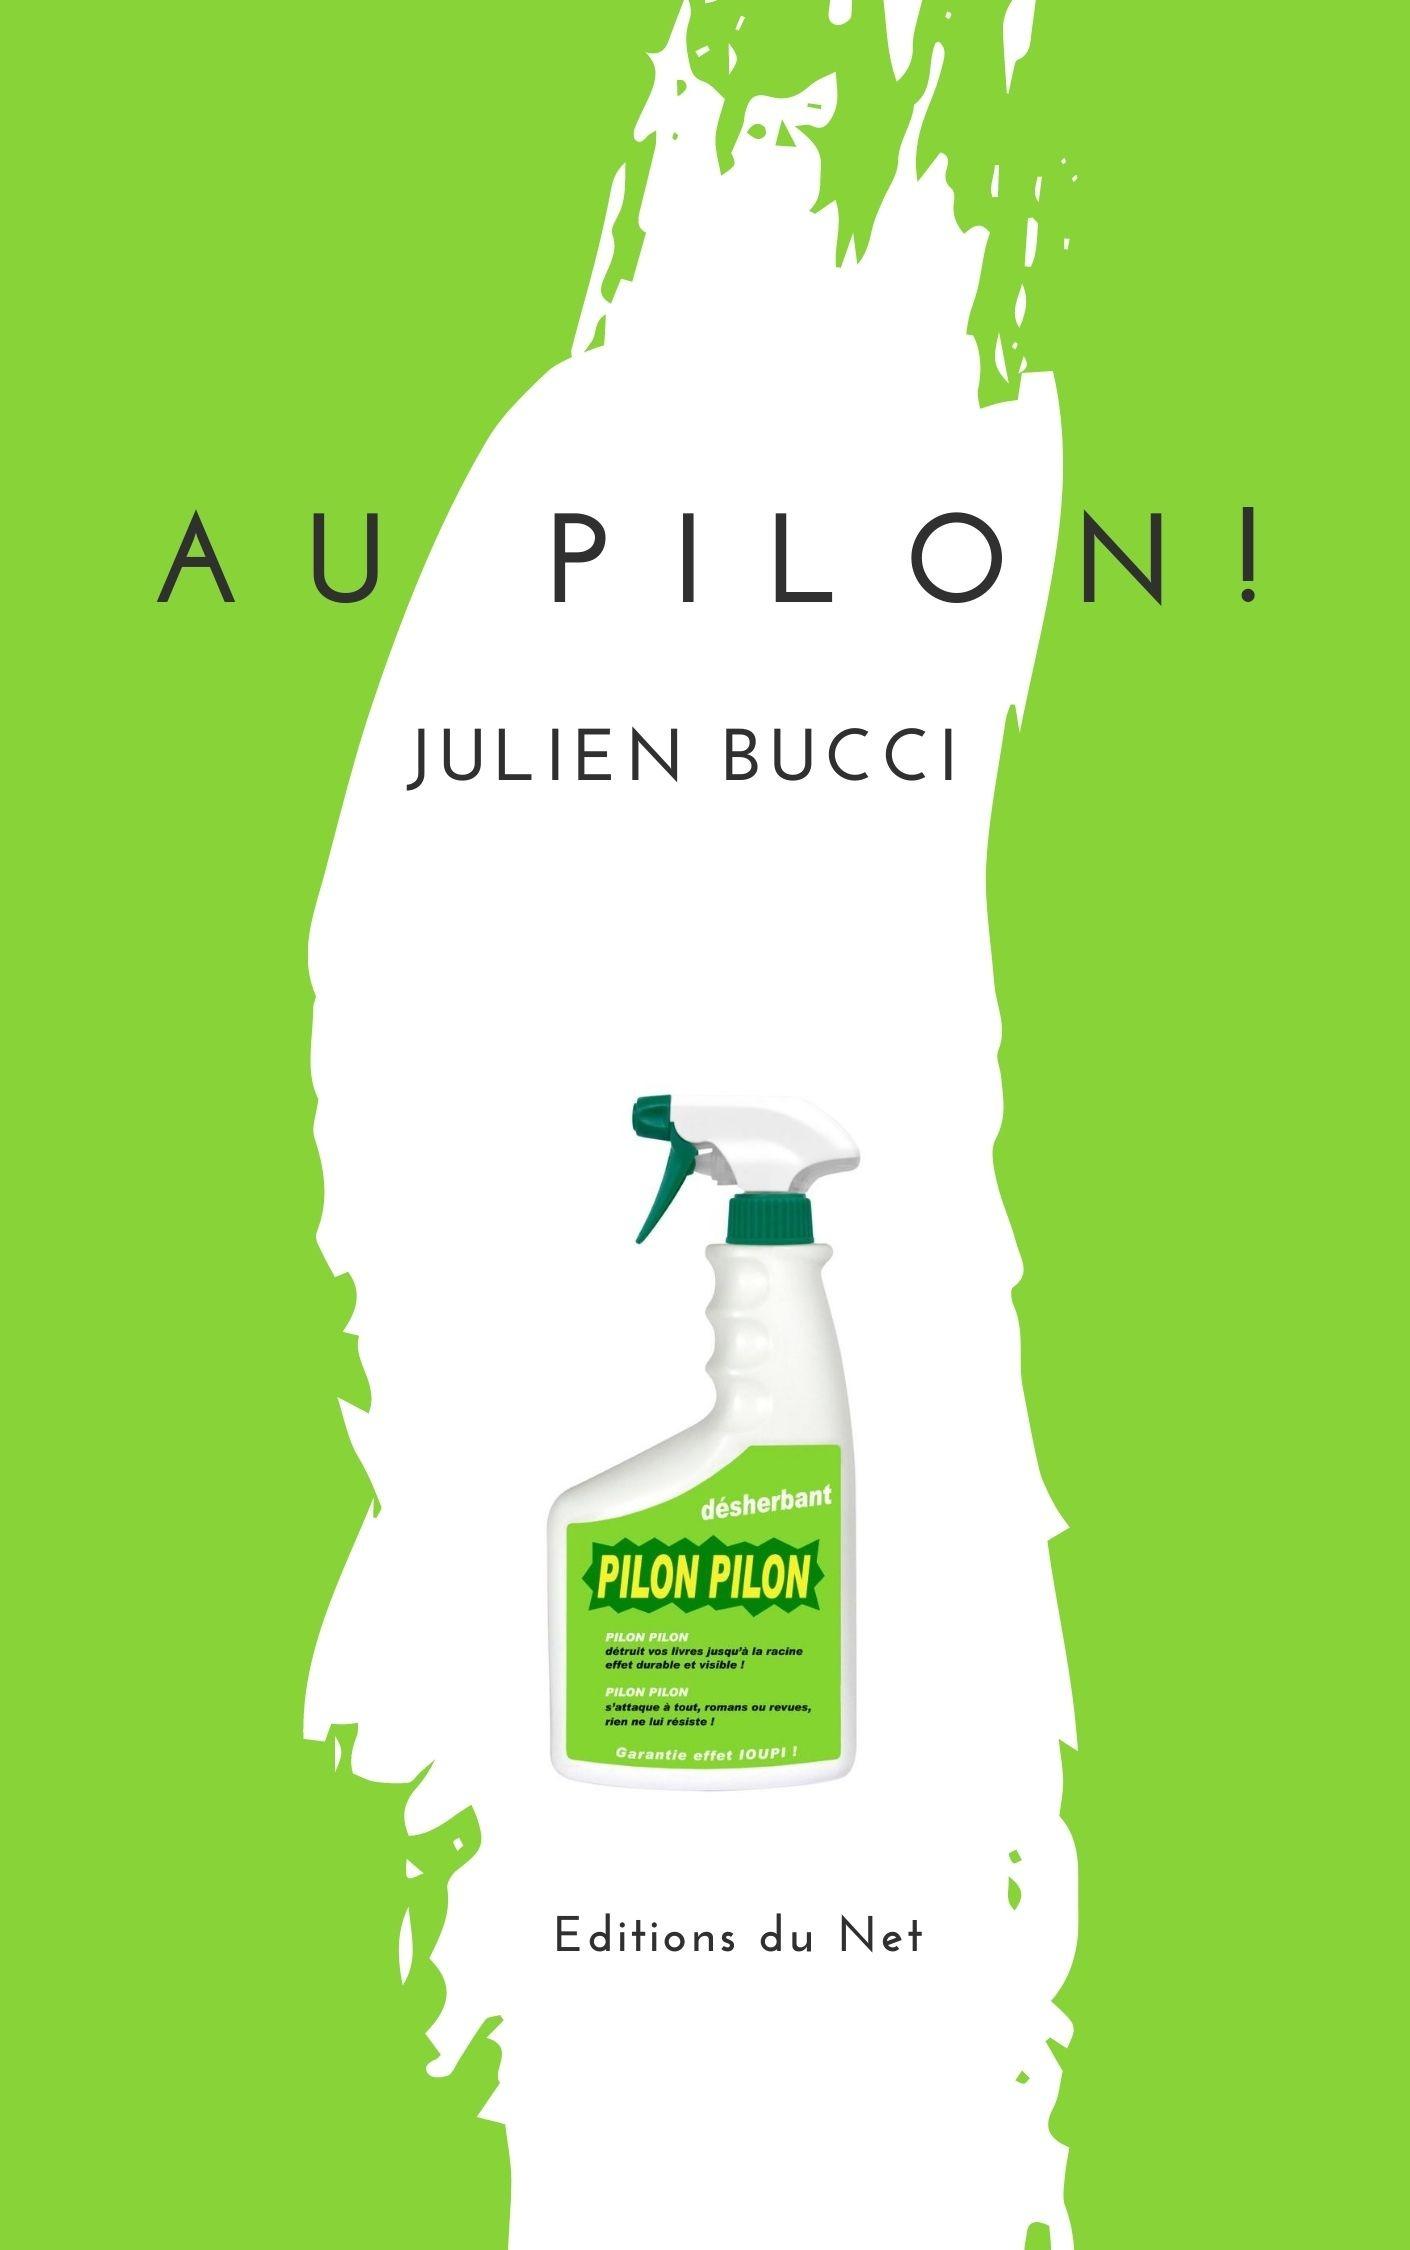 Au pilon, de Julien Bucci